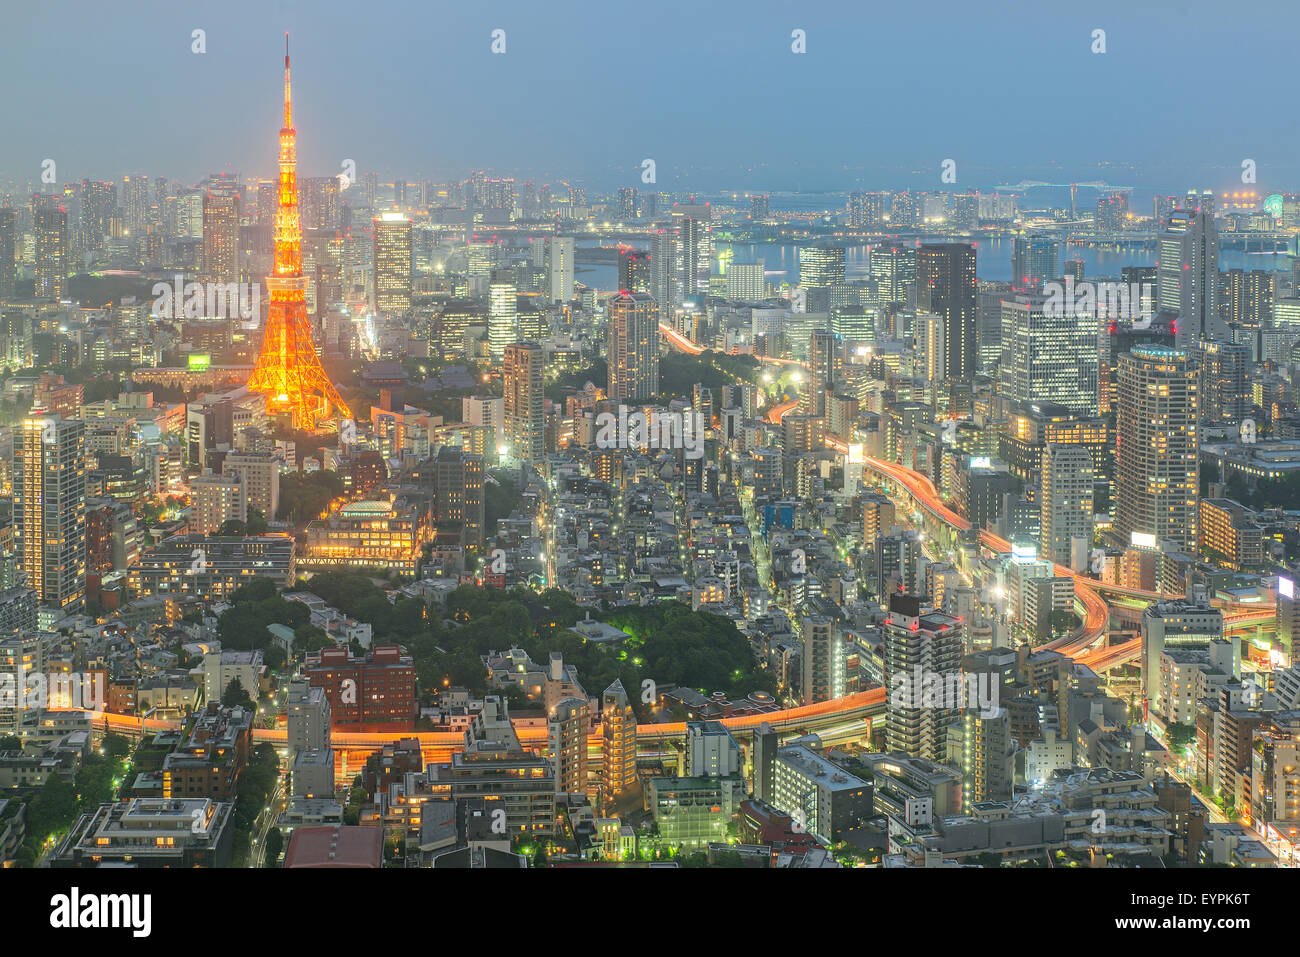 La torre de Tokio por la noche en Tokio, Japón Imagen De Stock